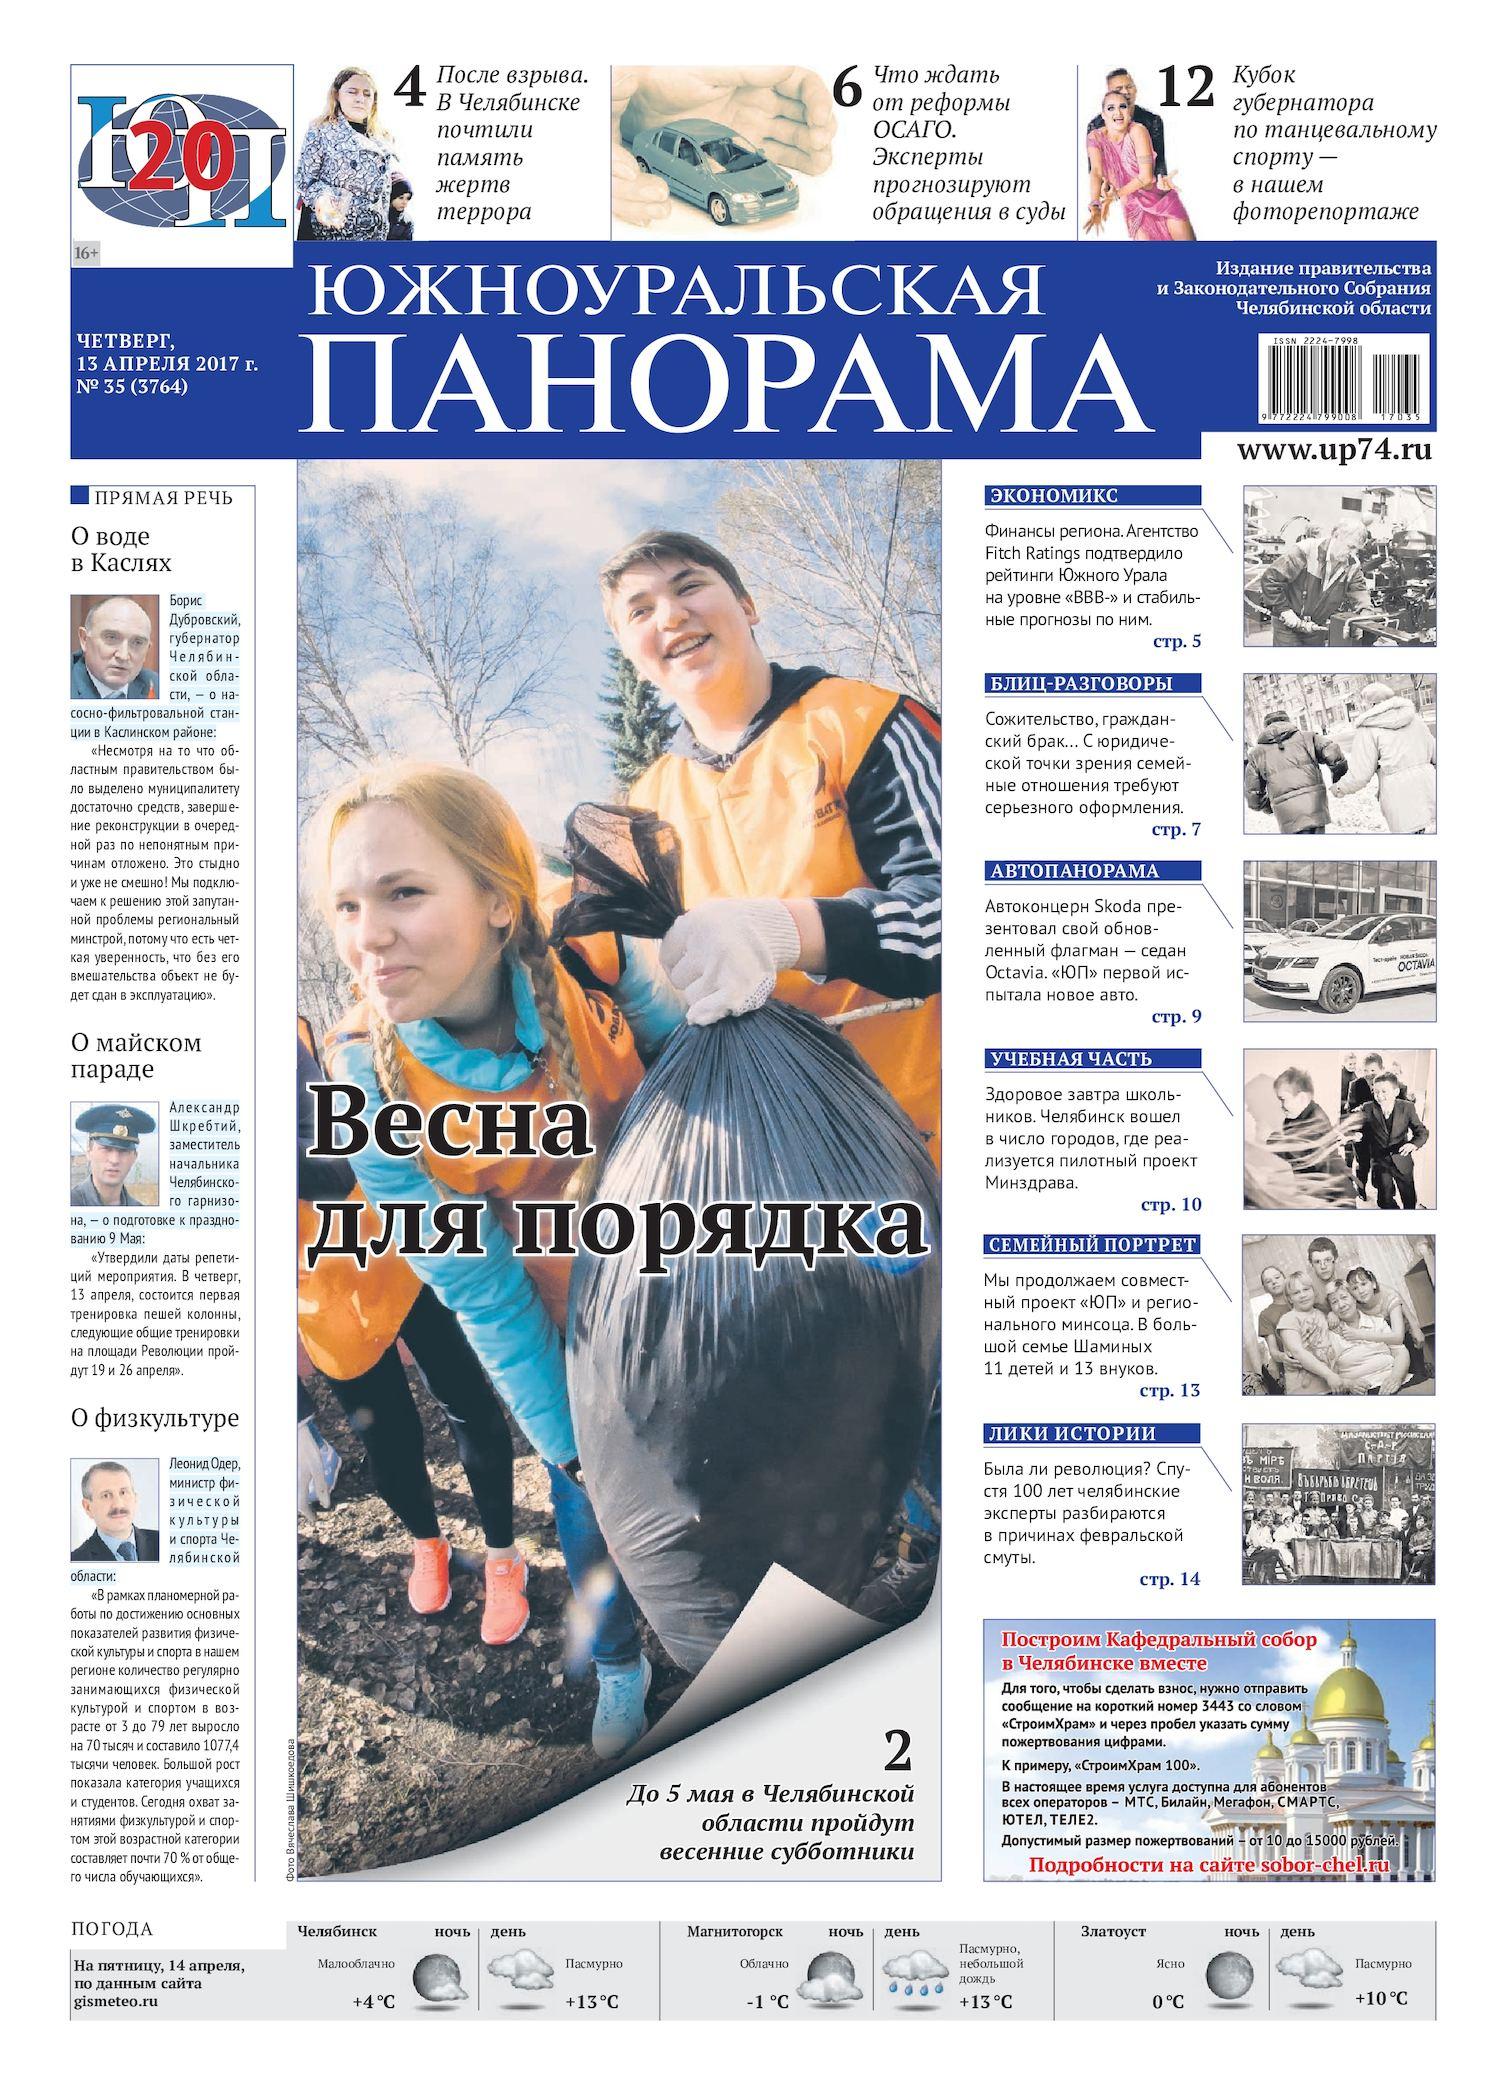 Протоиерей игорь шестаков руководитель молод жного отдела челябинской епархии член общественной п